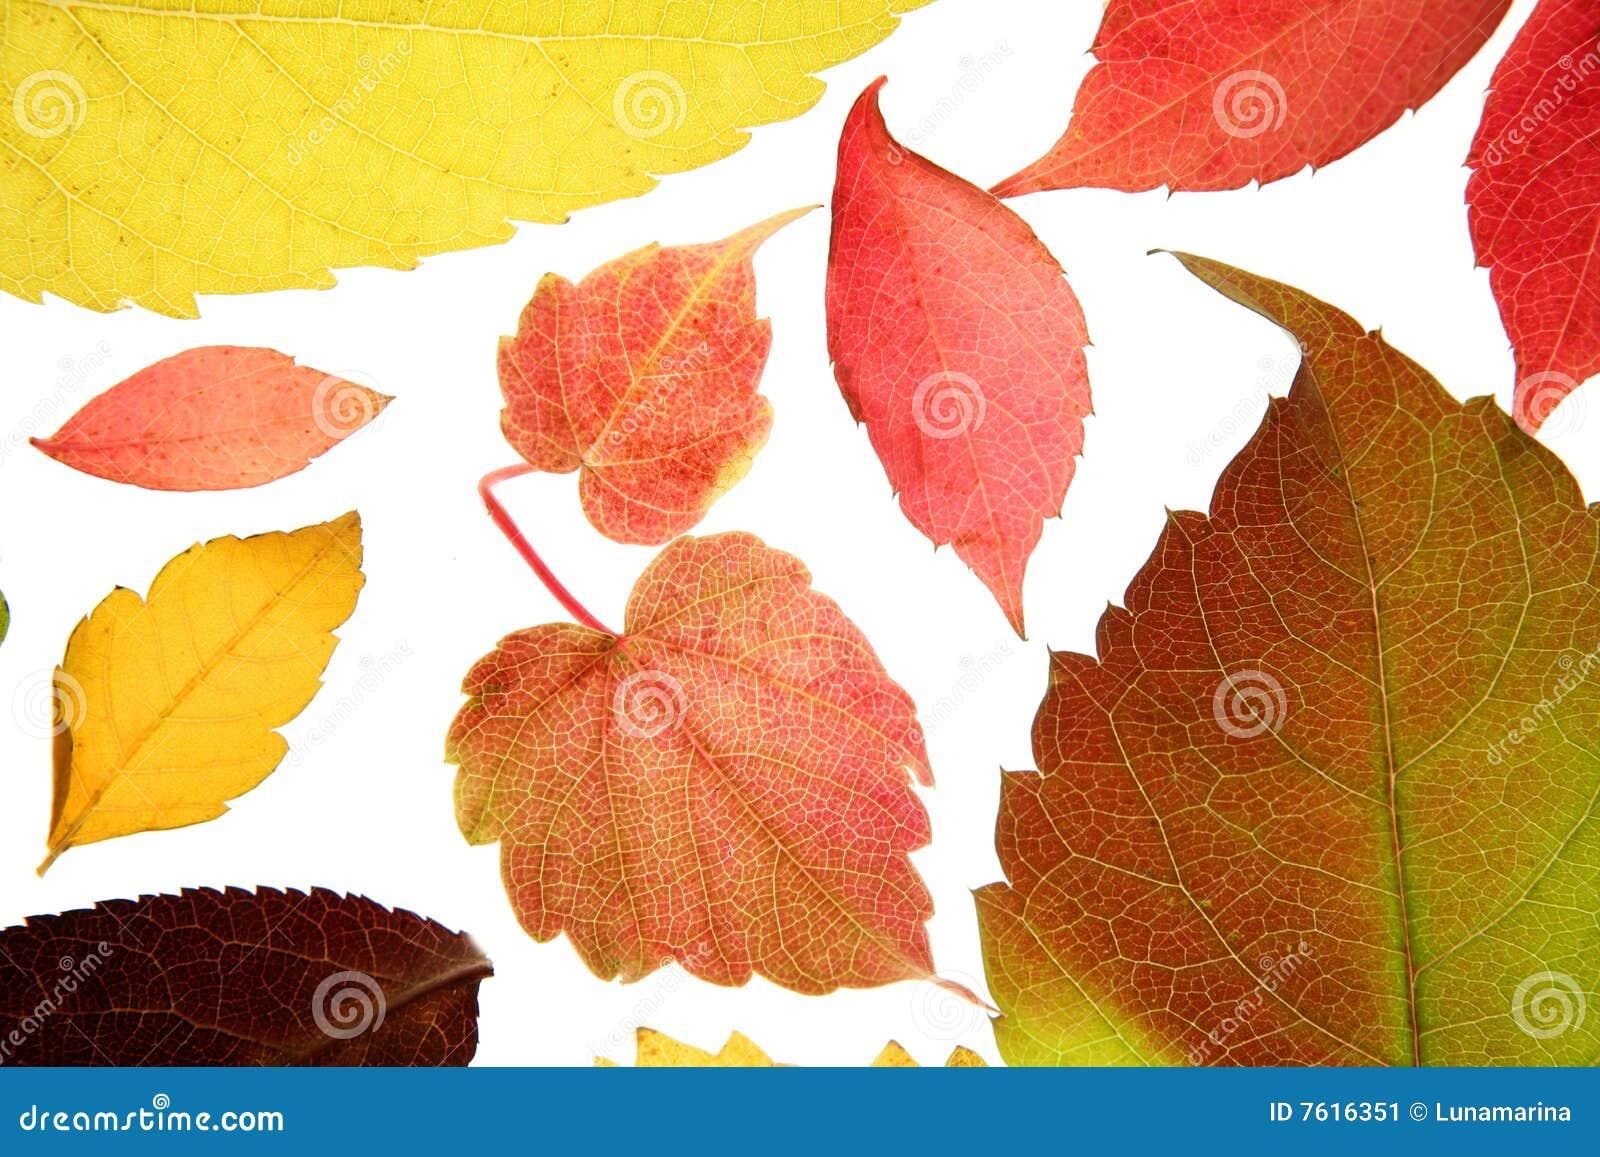 秋天背景仍然颜色叶子工作室白色